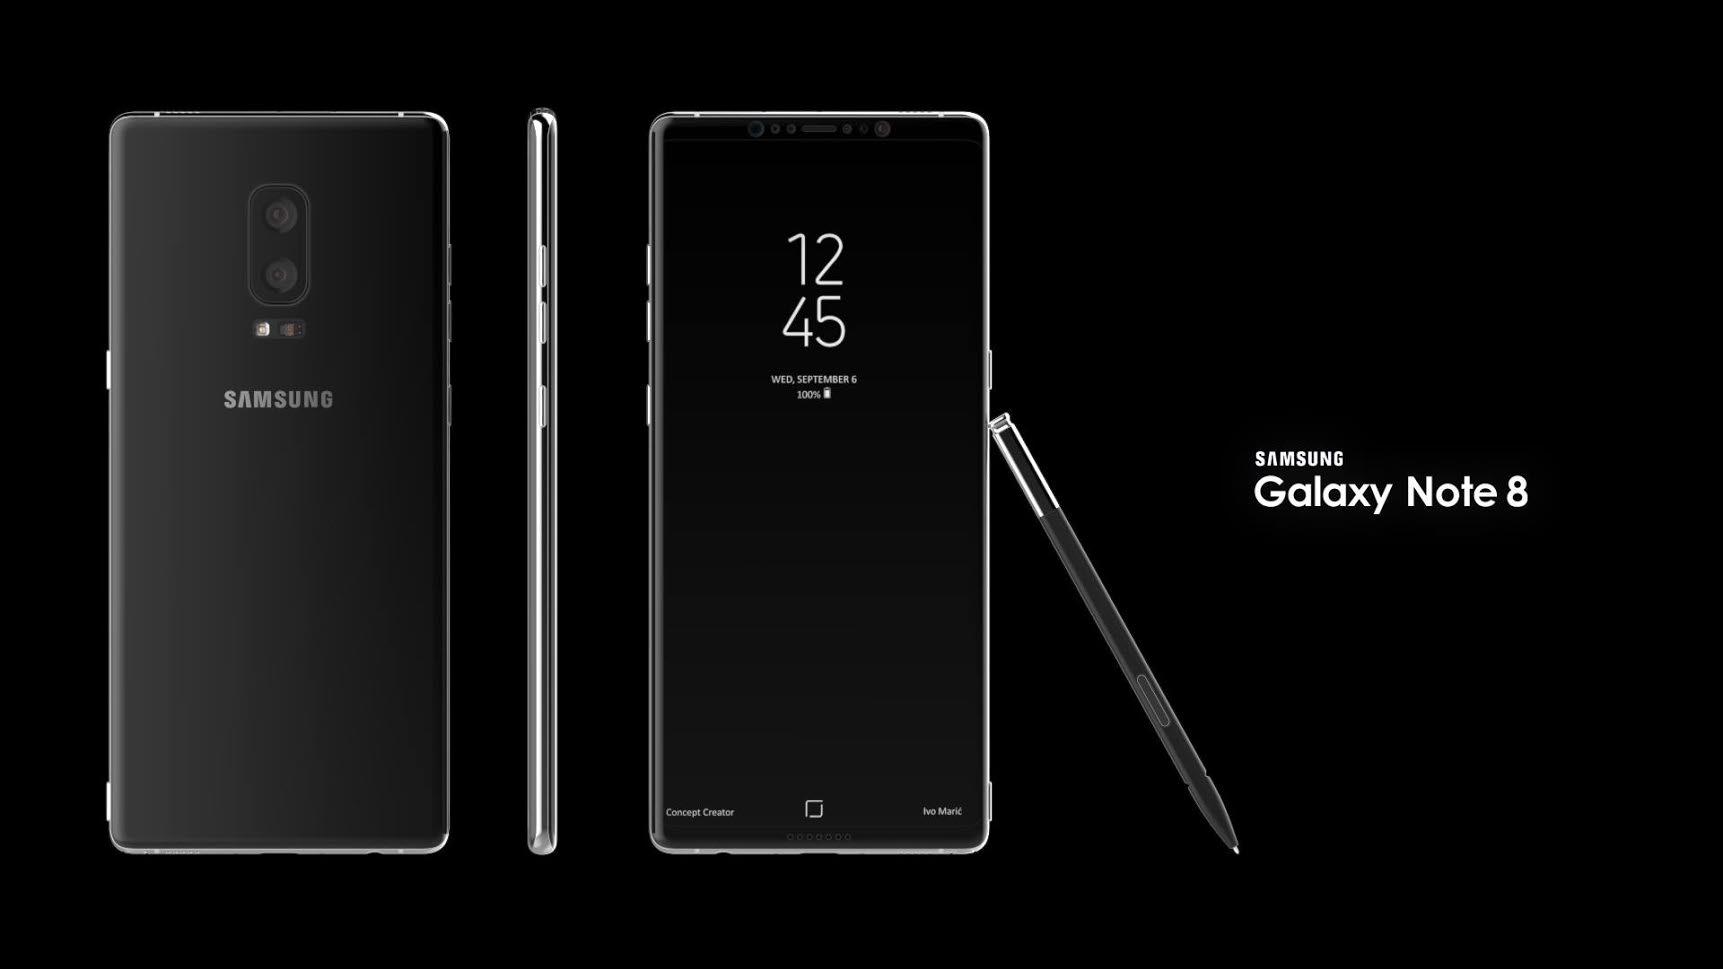 Samsung Galaxy Note 8-in təqdimat tarixi məlum oldu